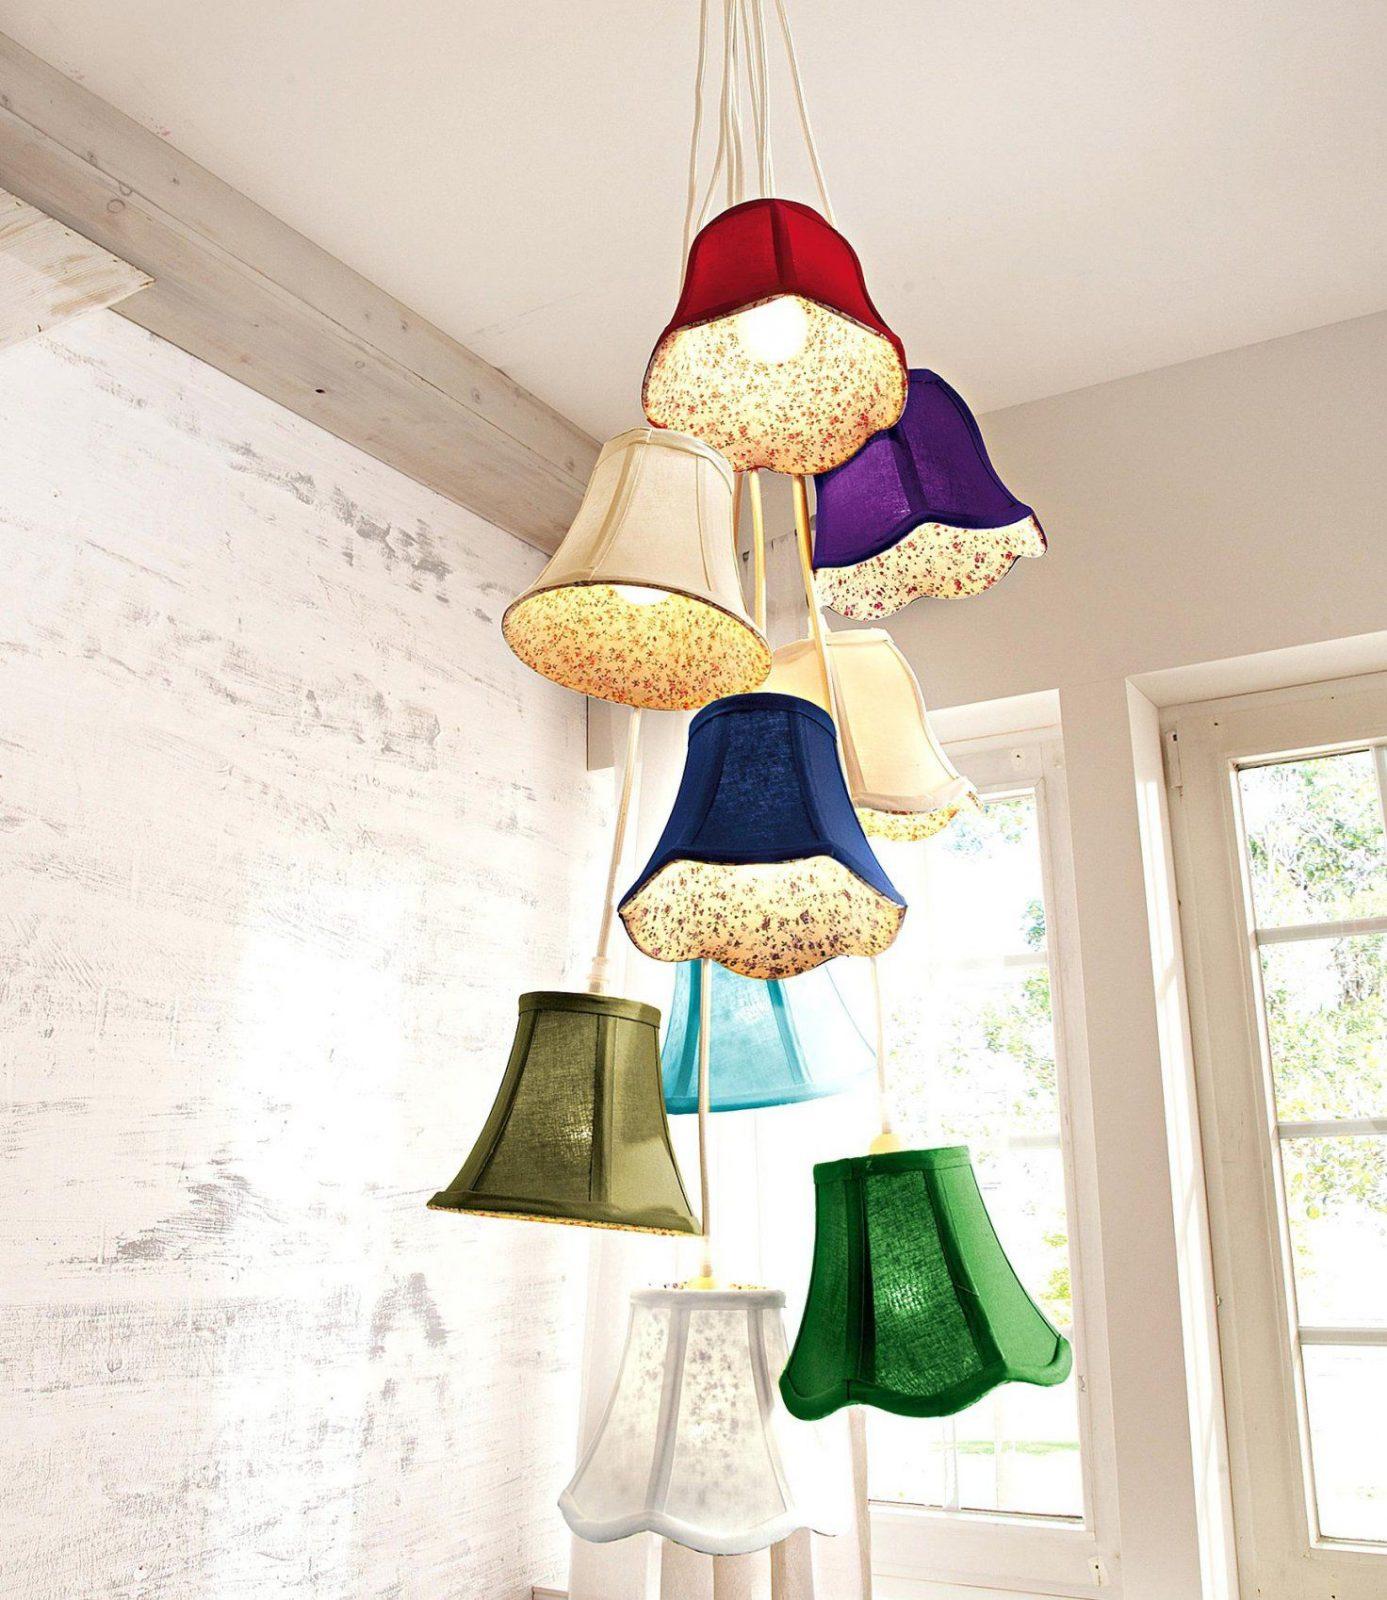 Mehrere Lampen An Einen Anschluss Beste Led Lampe Zeitgenassisch Die von Lampe Mit Mehreren Schirmen Bild